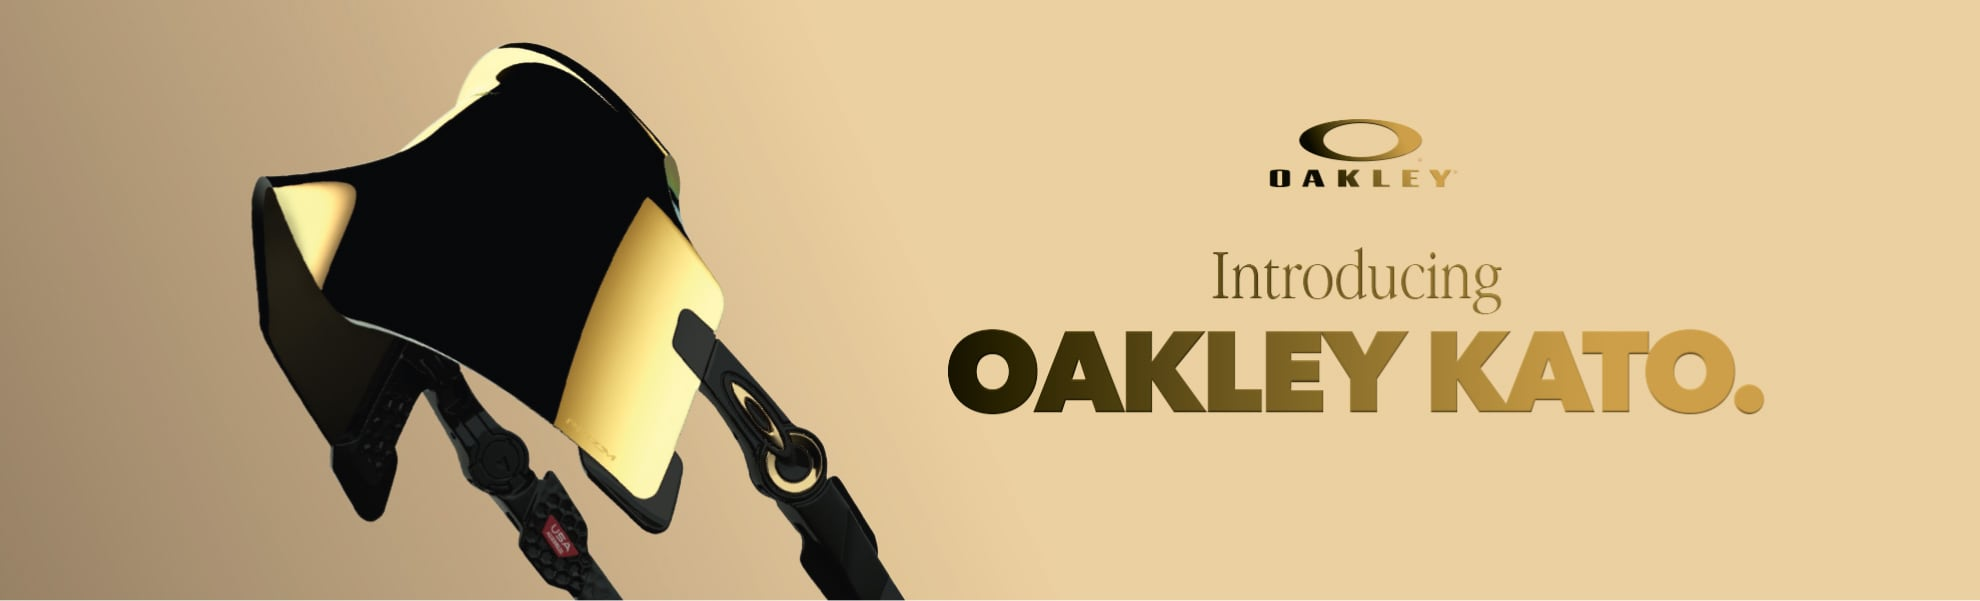 Oakley image